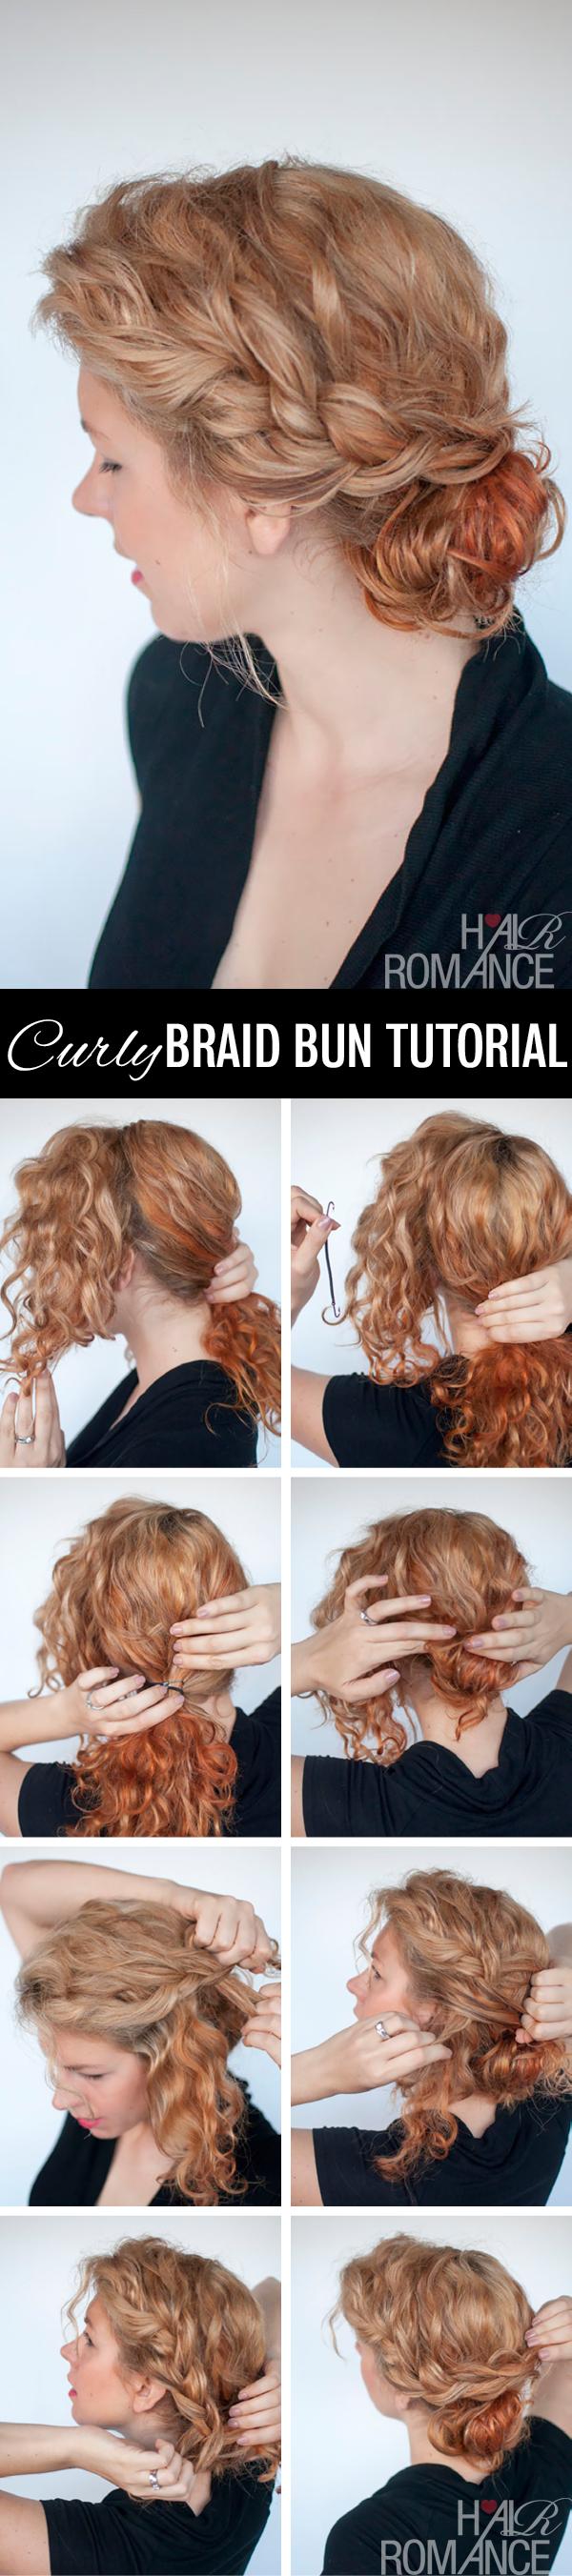 Hair-Romance-curly-braid-bun-hair-tutorial.png